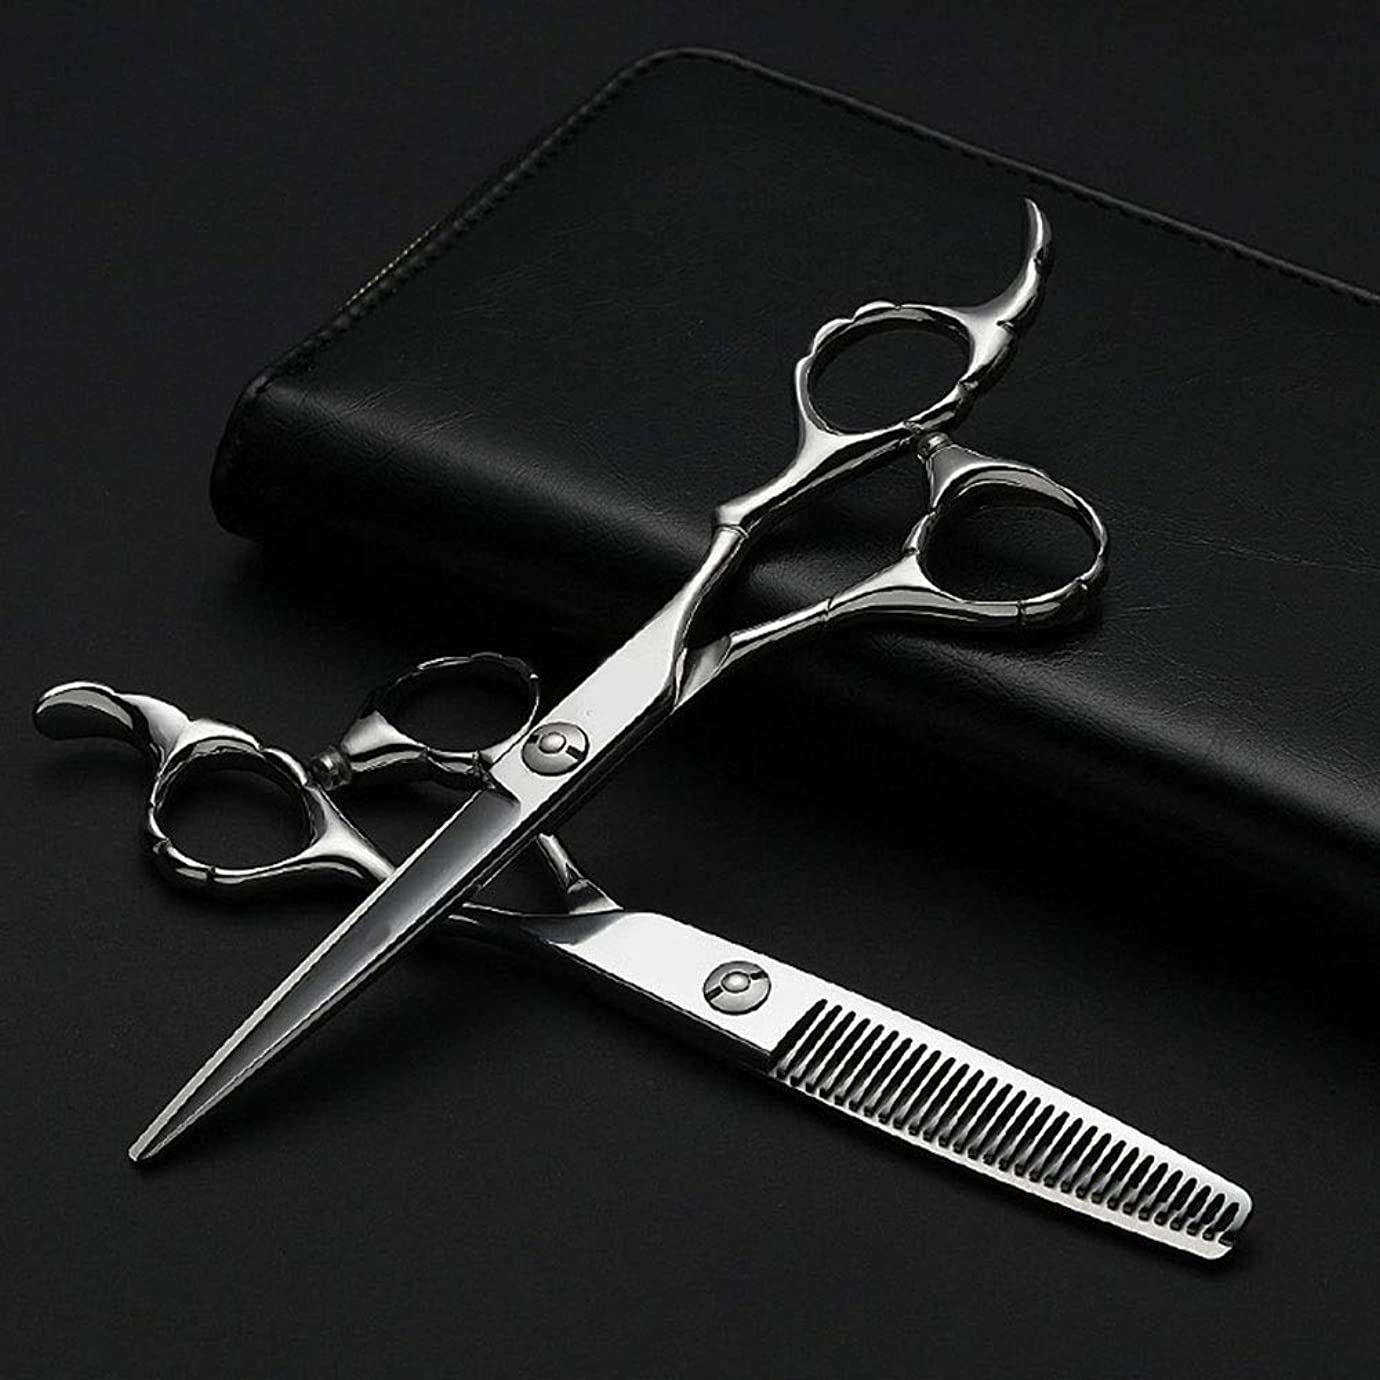 免疫浅い笑プロの理髪セット、フラット+歯シザー細い竹ハンドルはさみセット ヘアケア (色 : Silver)